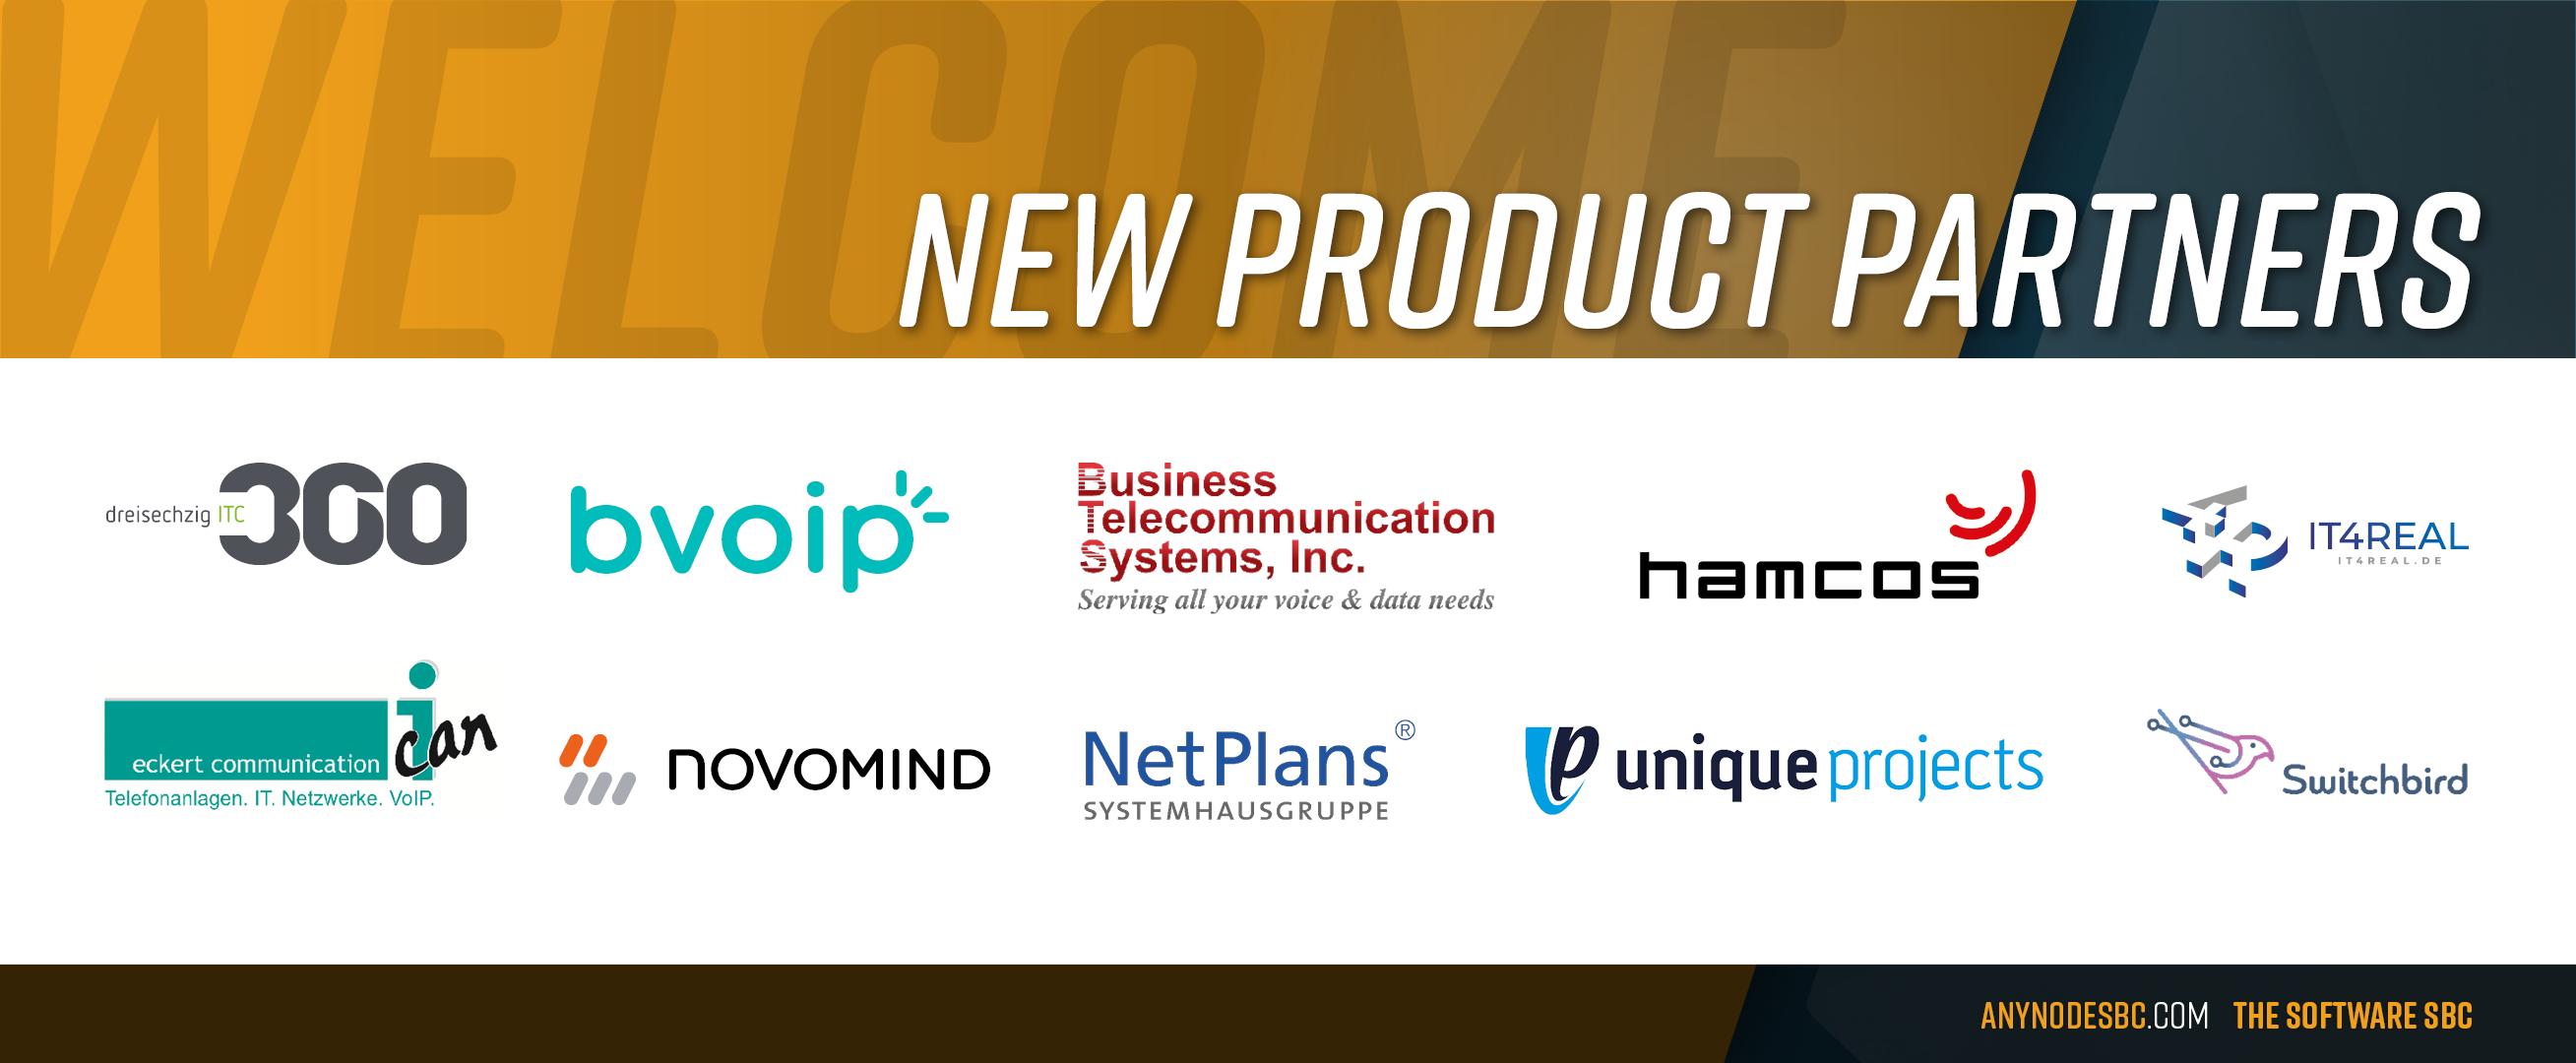 Neue anynode Produktpartner im Februar 2021!